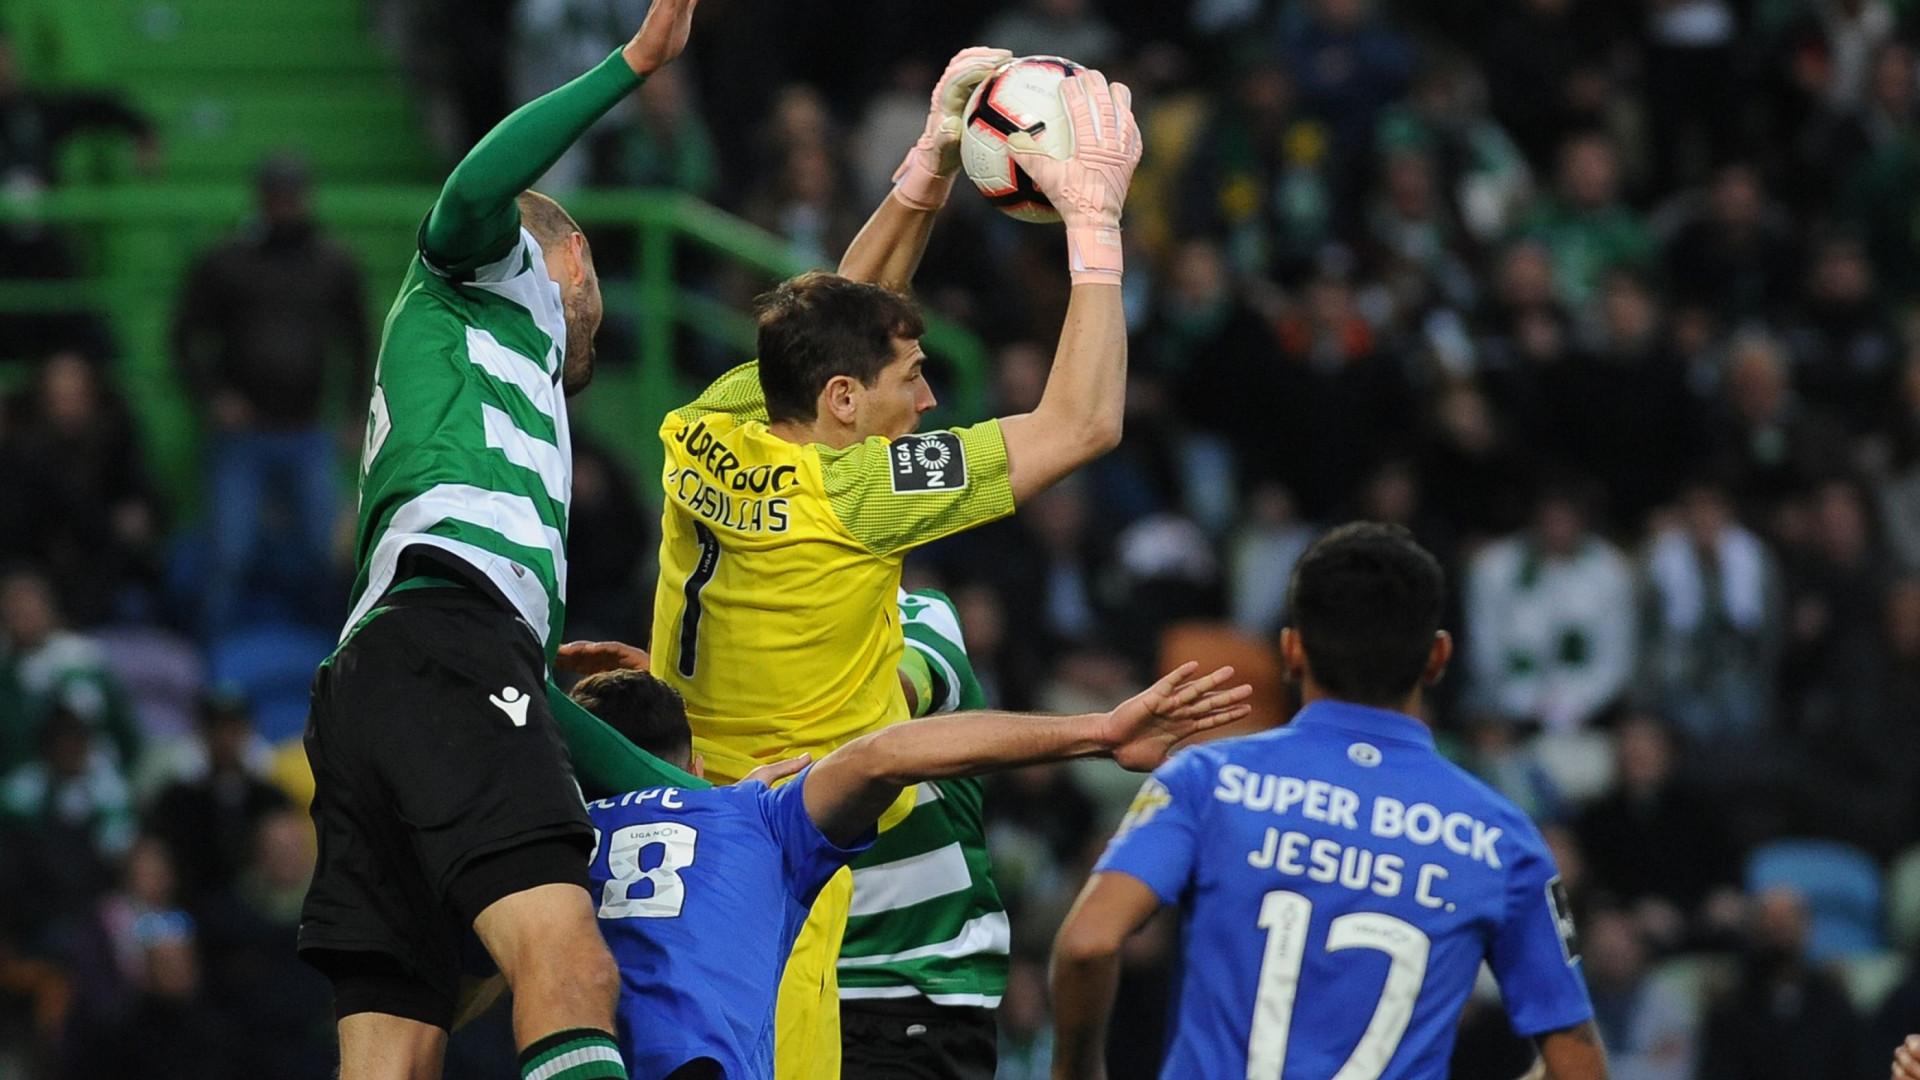 Leões e dragões não foram além de um nulo. FC Porto já não vence em  Alvalade há 14 jogos fd5a410ece4e9